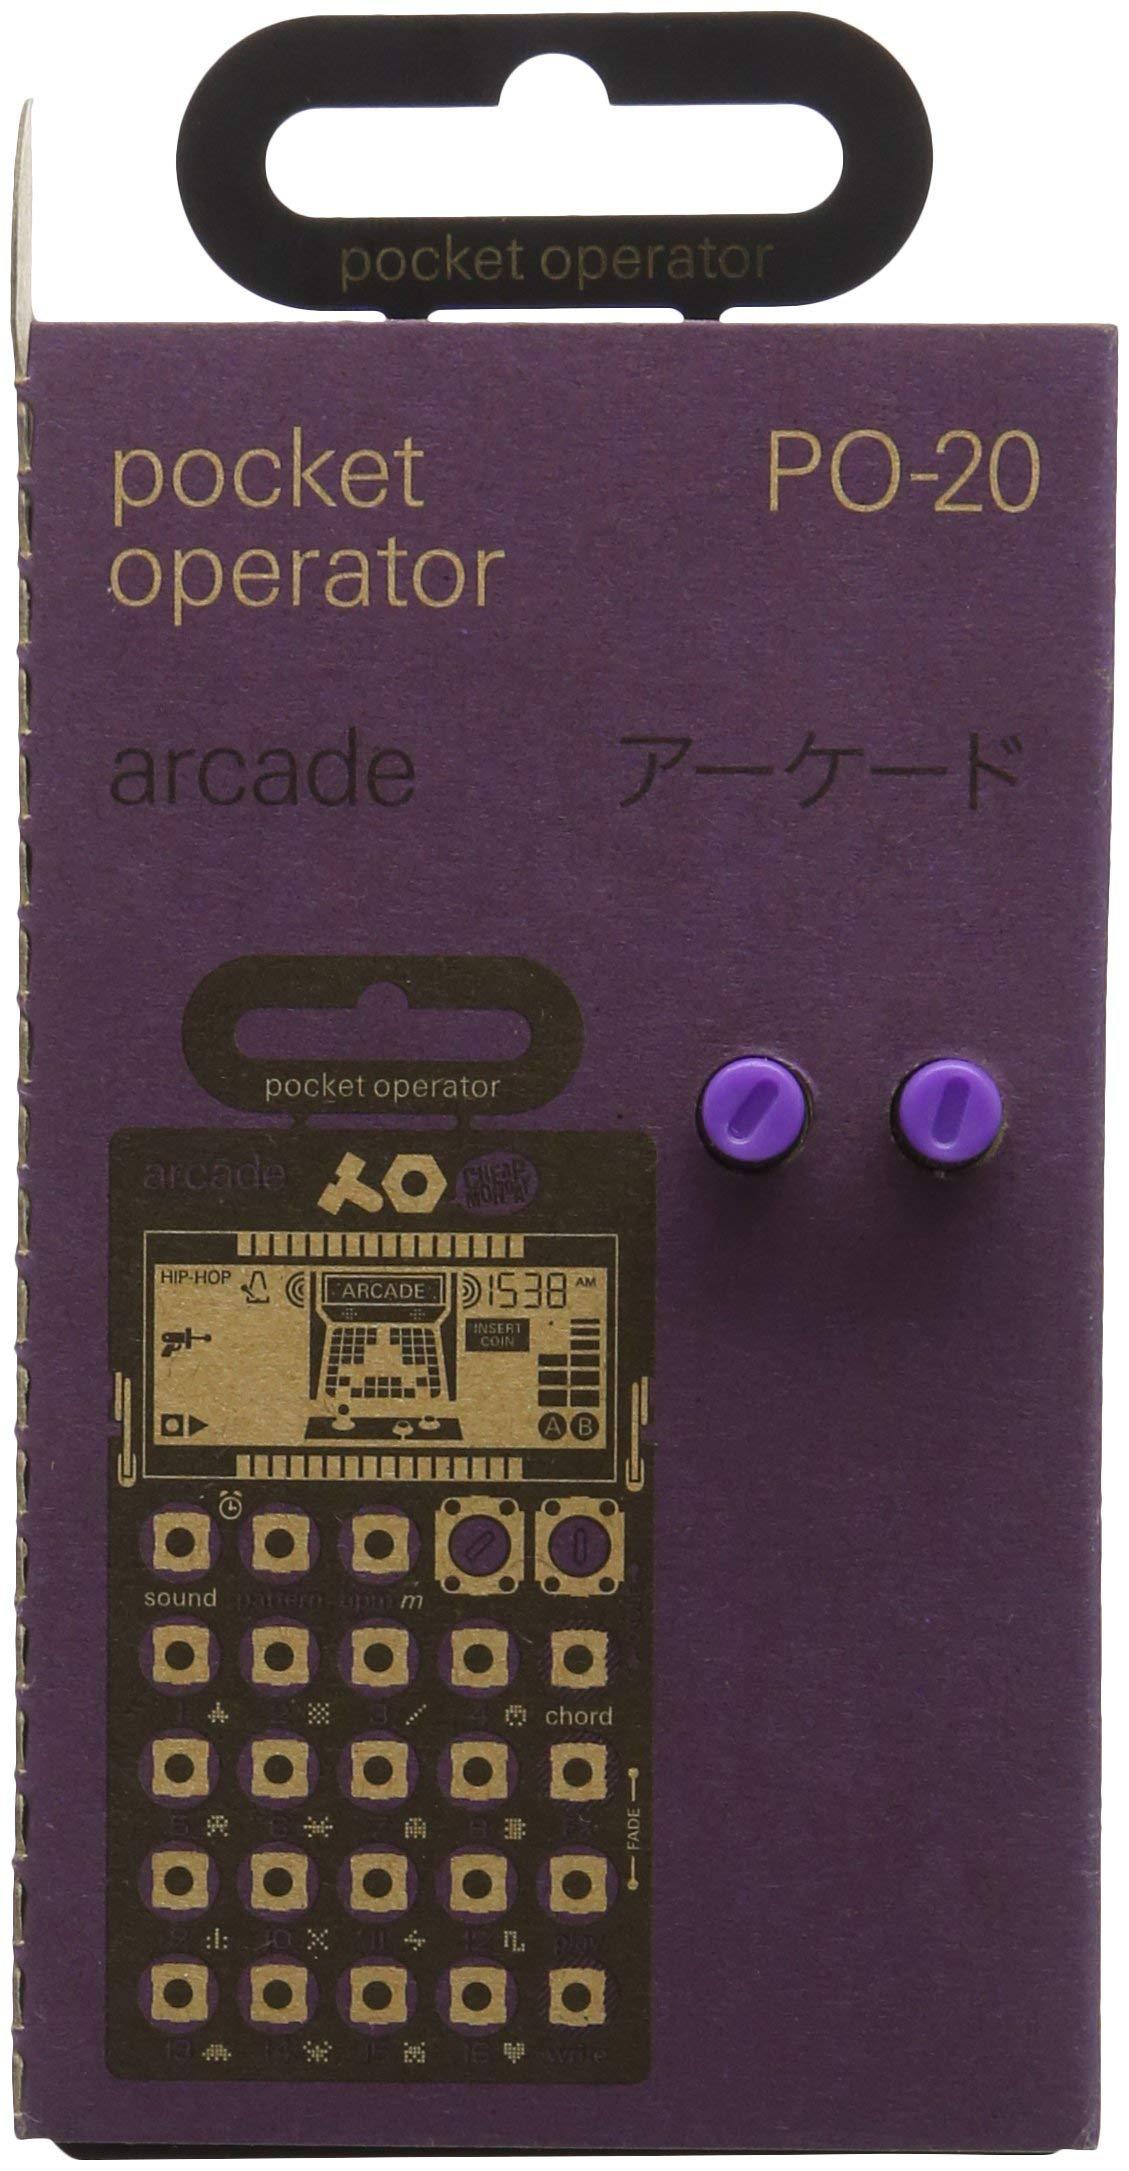 Teenage Engineering TE010AS020A PO-20 Arcade Pocket Operator (Certified Refurbished)